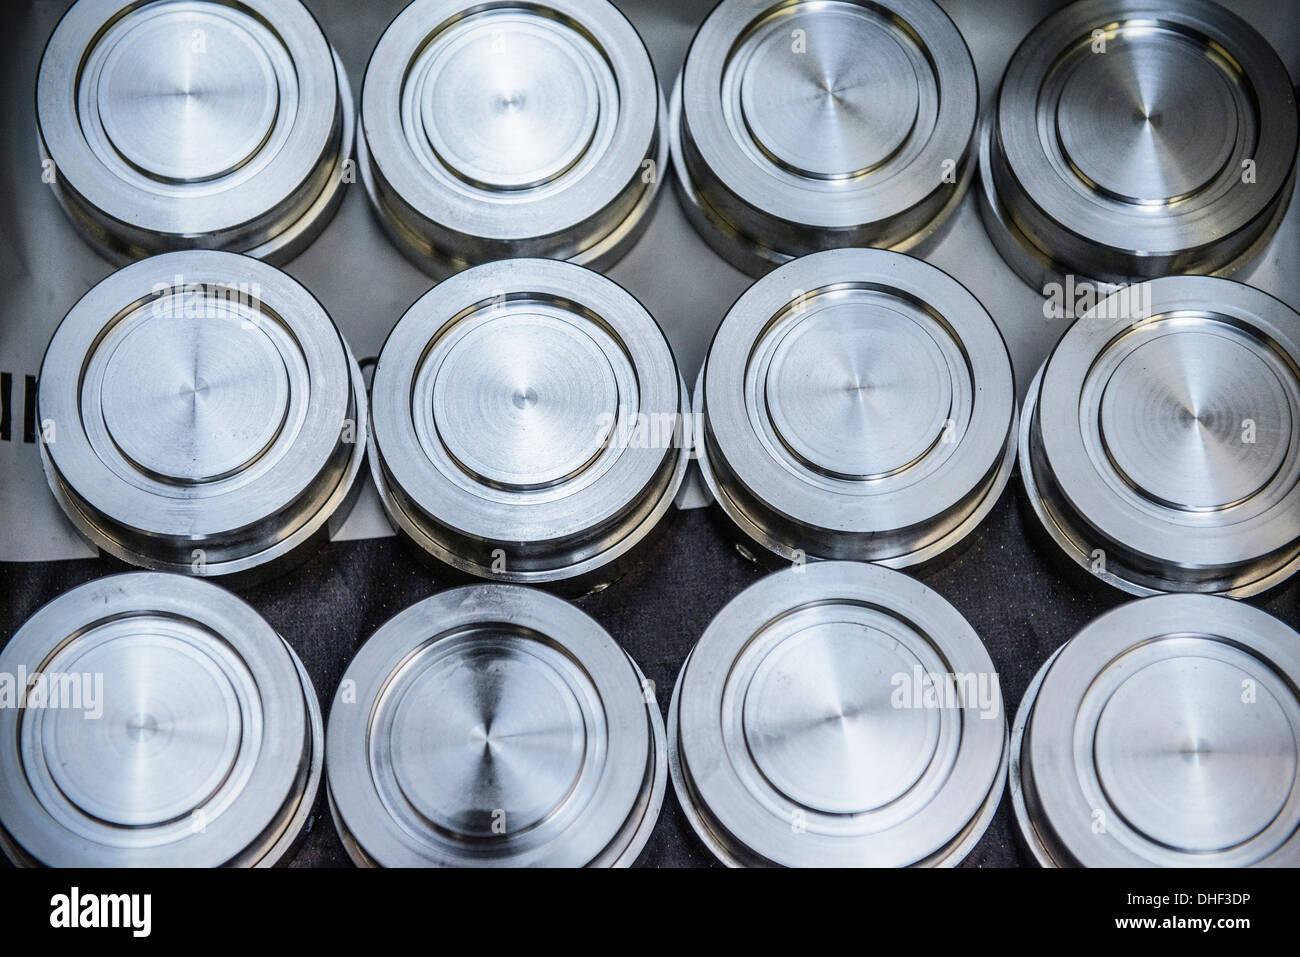 Stapel von Roh- und naturbelassenen Stahlscheiben in Fabrik, Draufsicht Stockbild